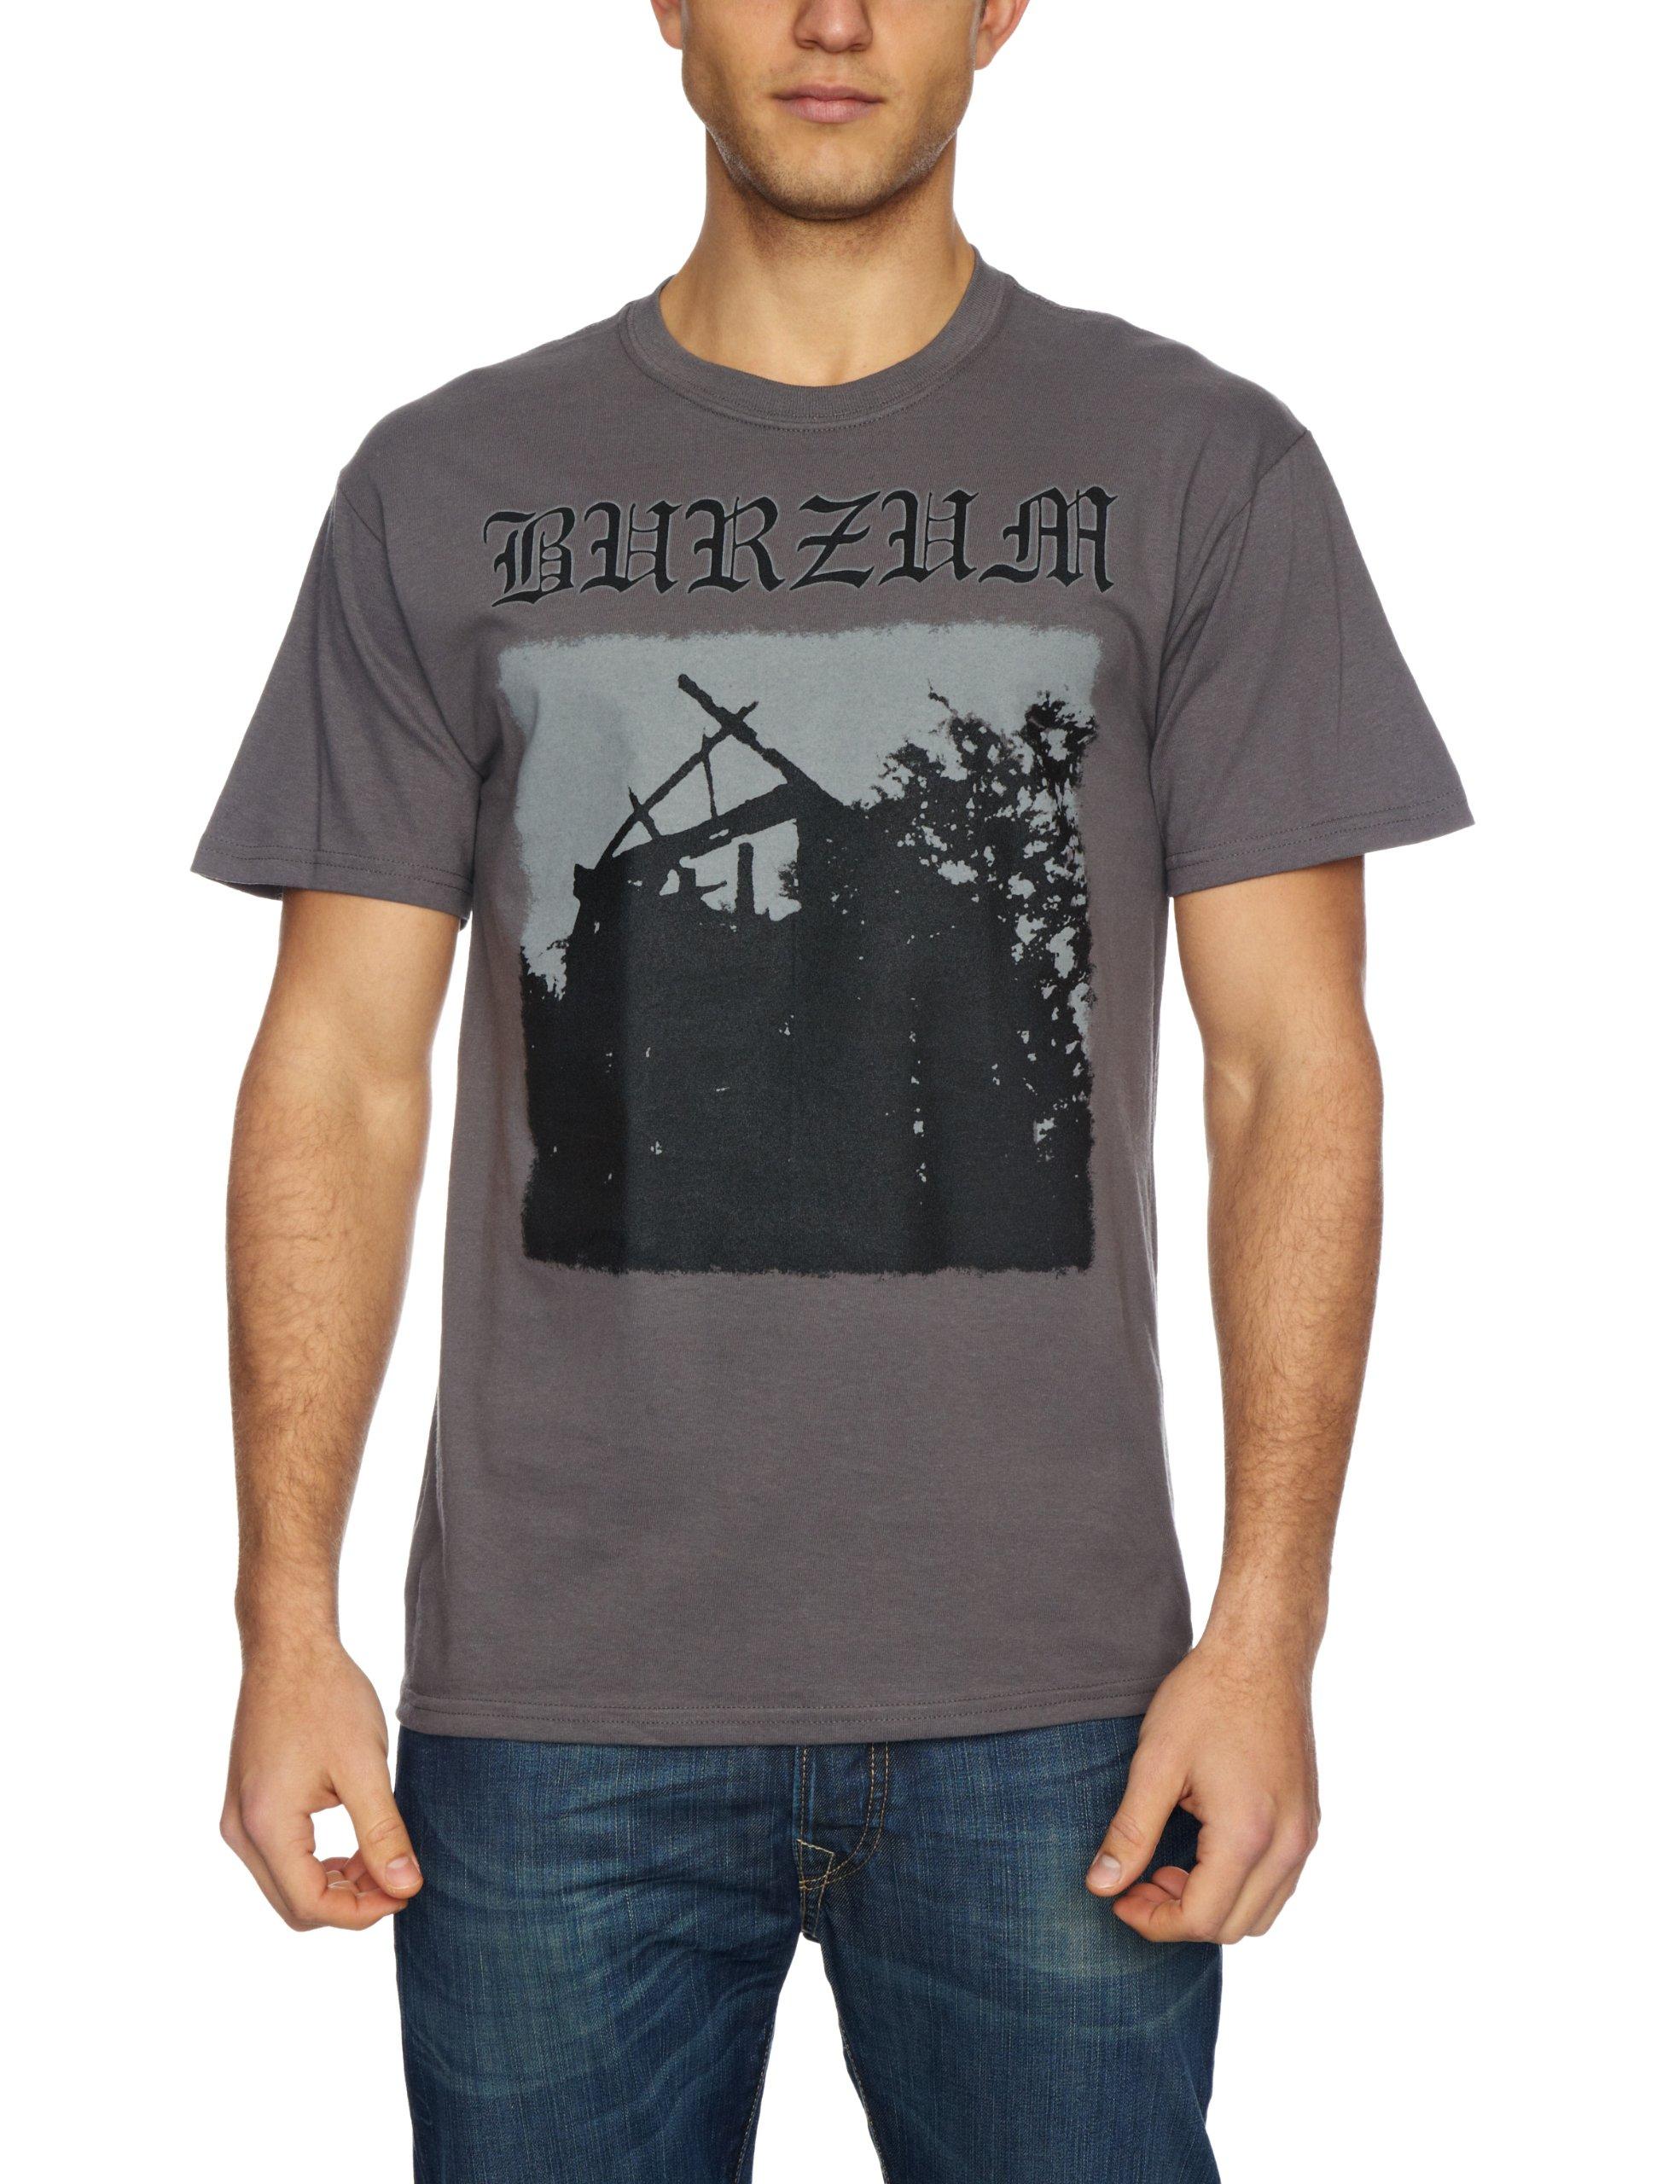 Phantasm S Burzum Aske Tshirt